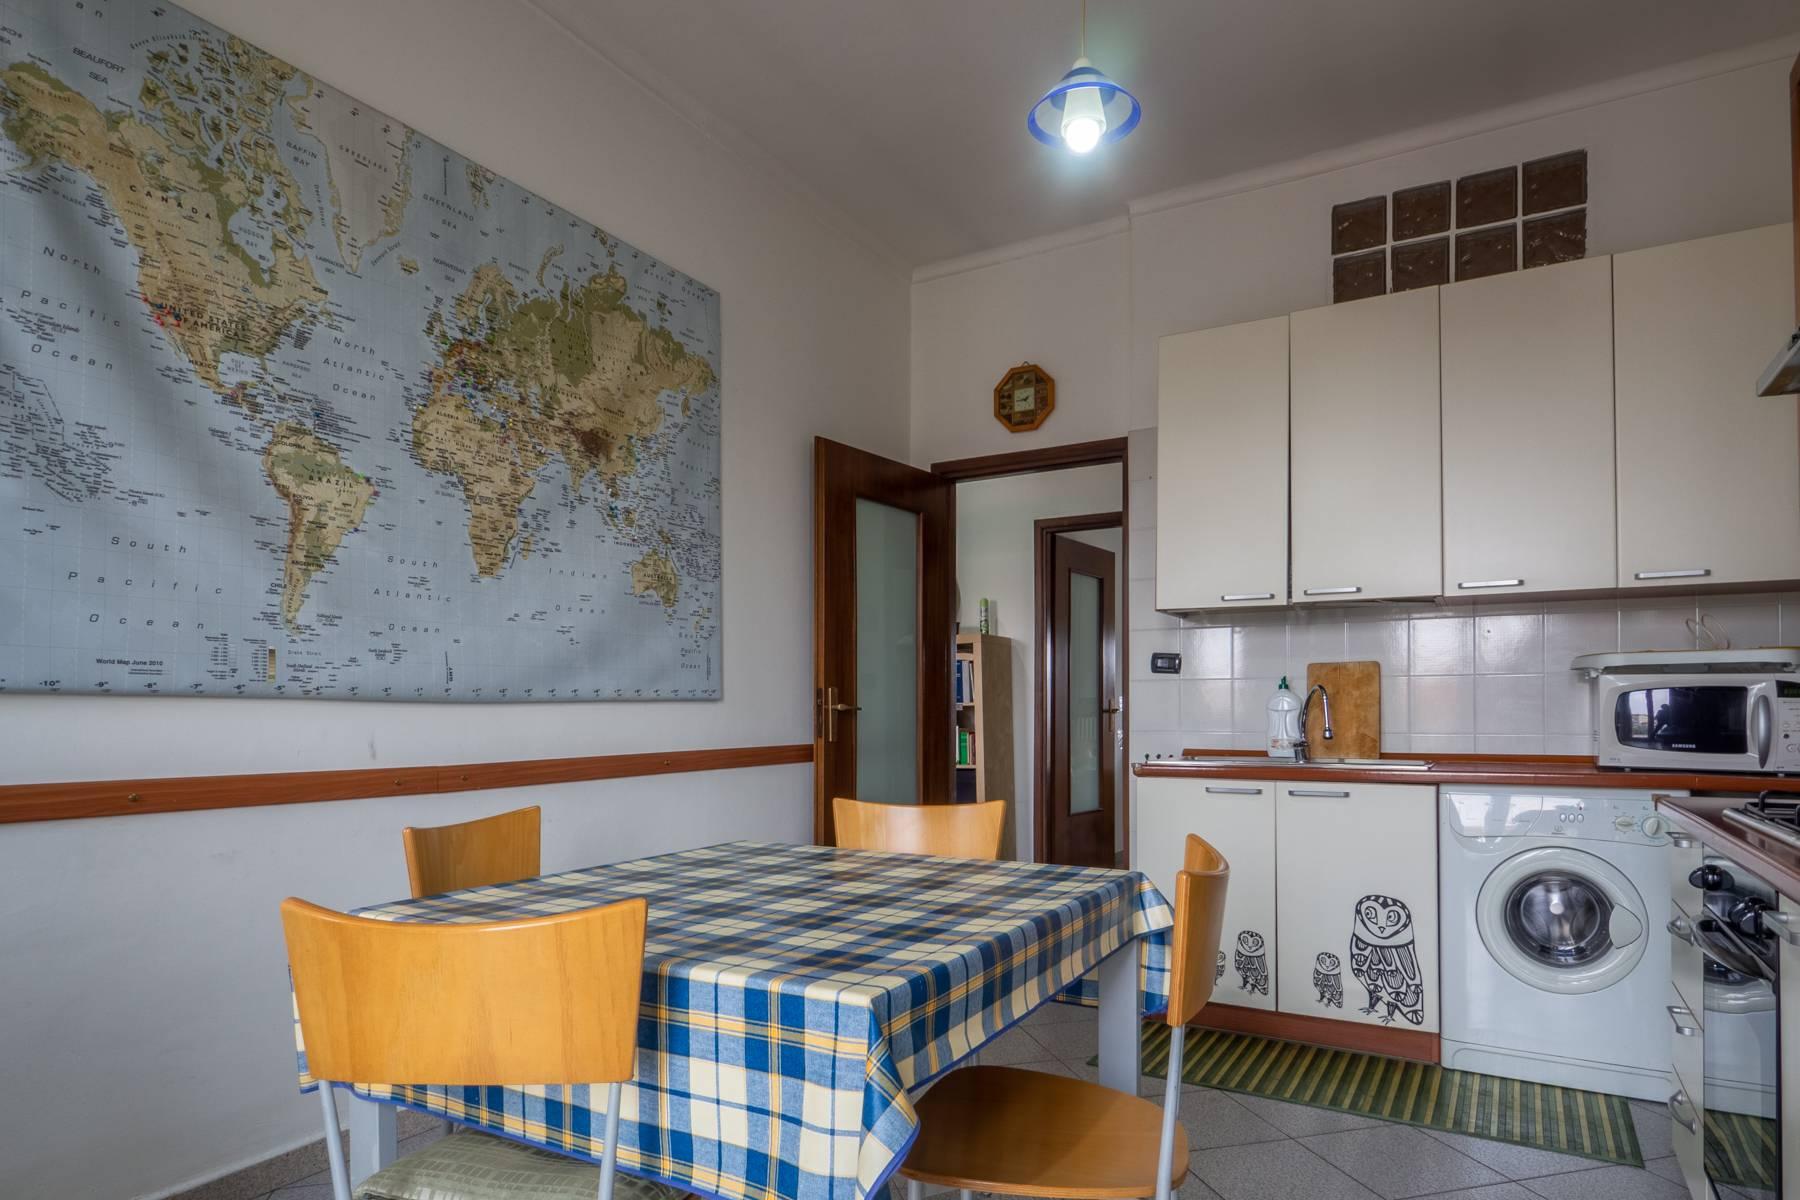 Appartamento in Vendita a Torino: 3 locali, 75 mq - Foto 11